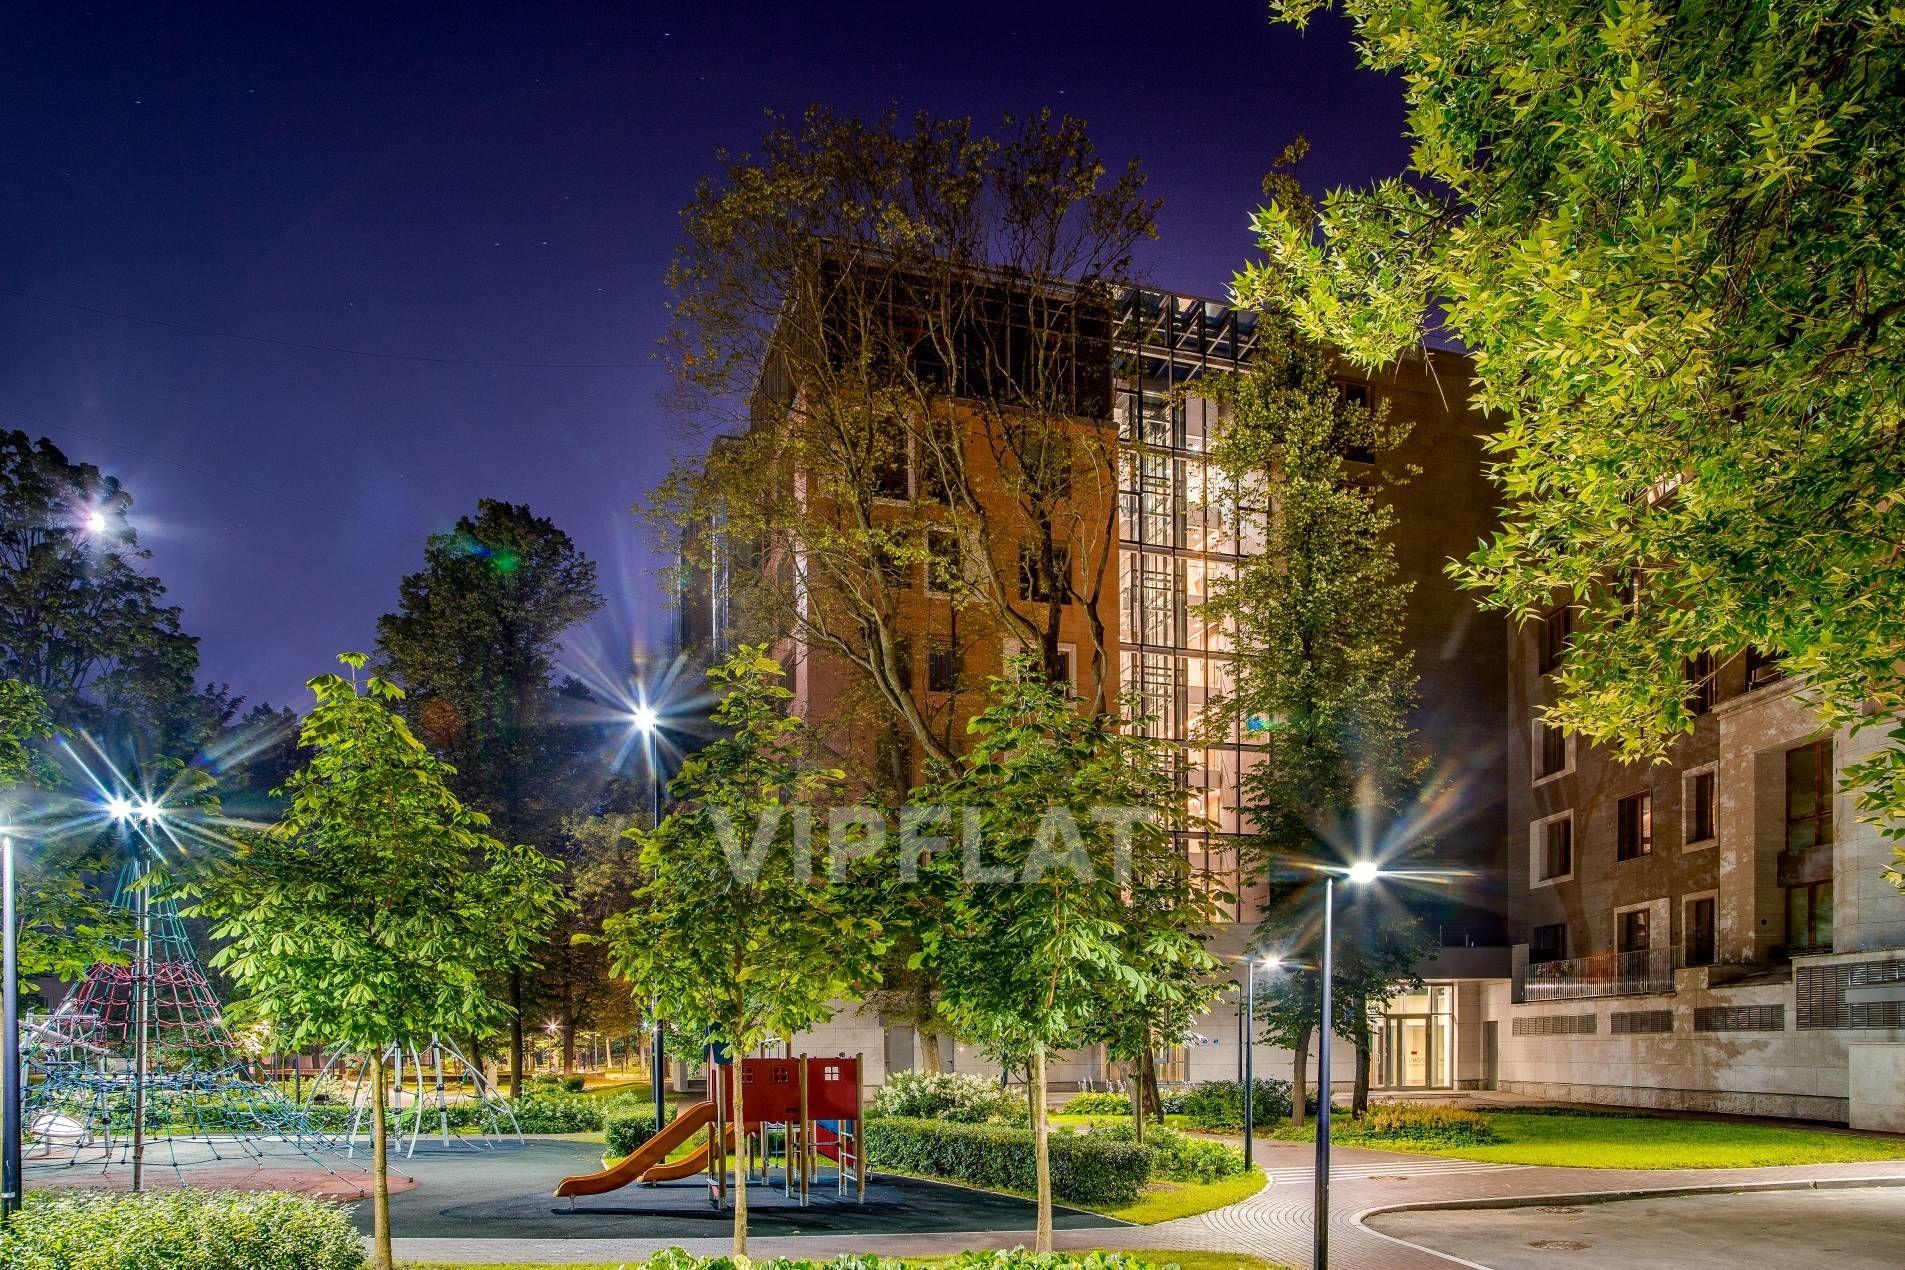 Продажа элитных квартир Санкт-Петербурга. Смольного ул. 2, к. 3 В окружении зелени